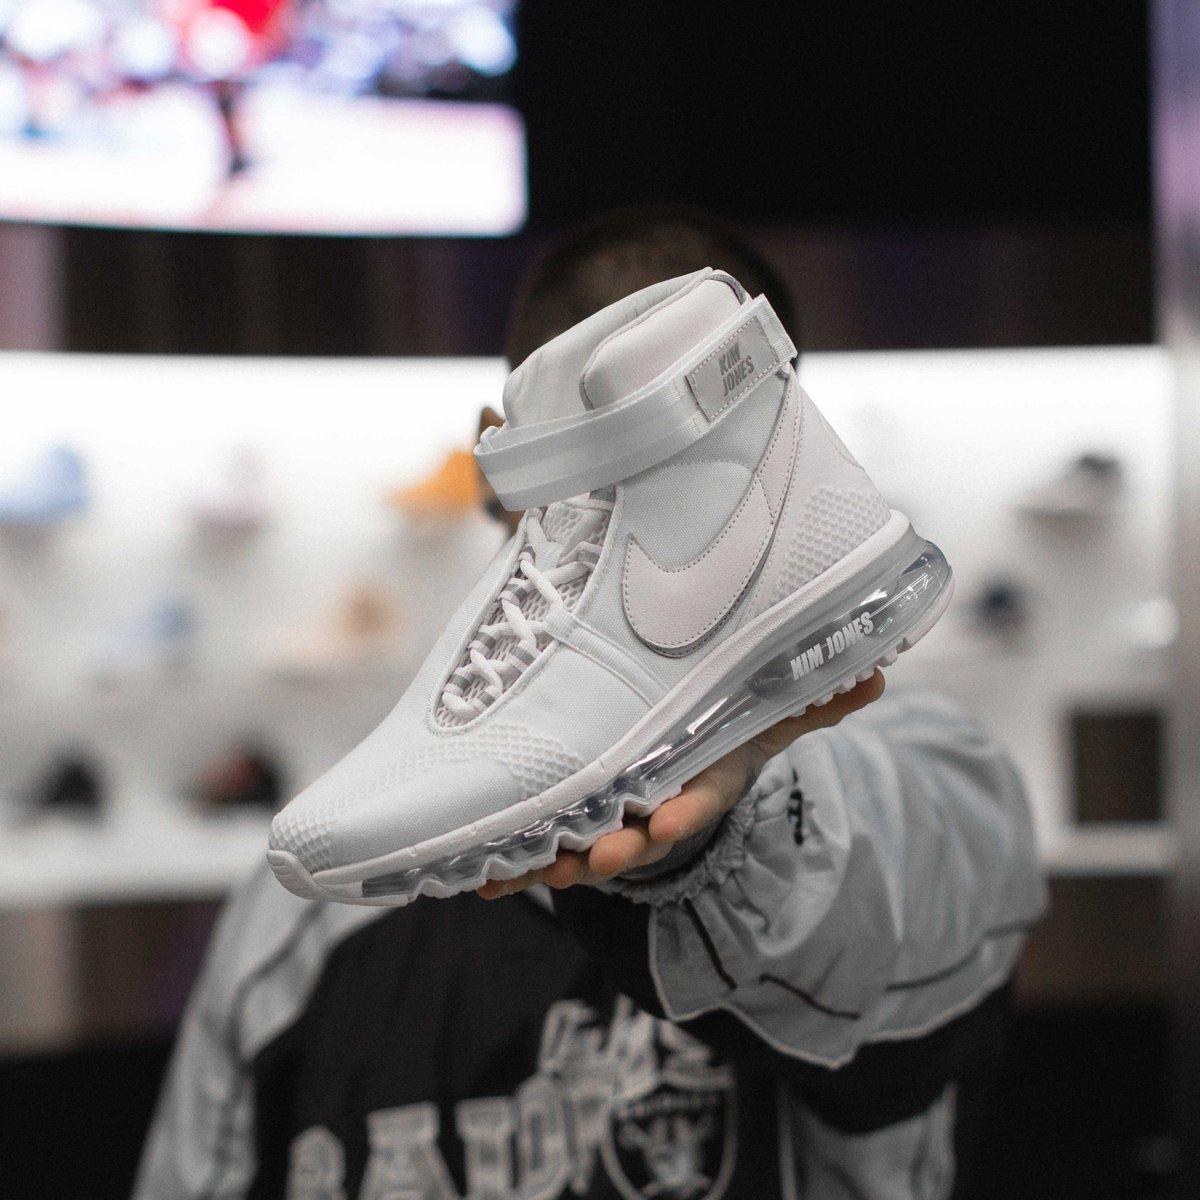 Nike Air Max 360 High x Kim Jones